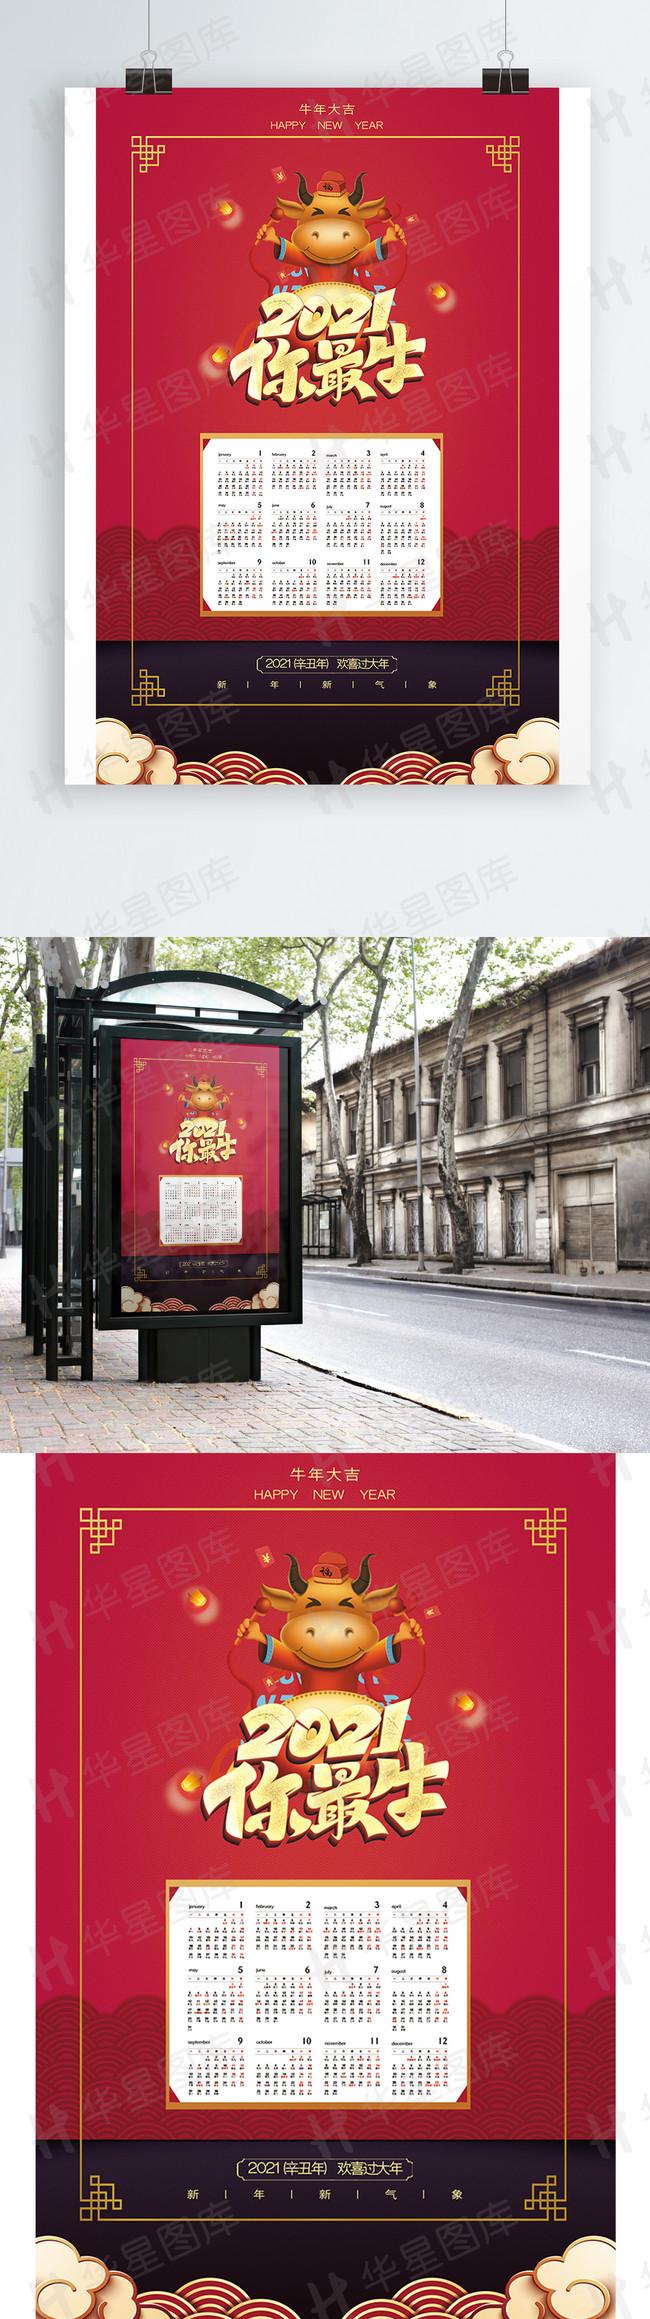 大气简洁2021年历海报